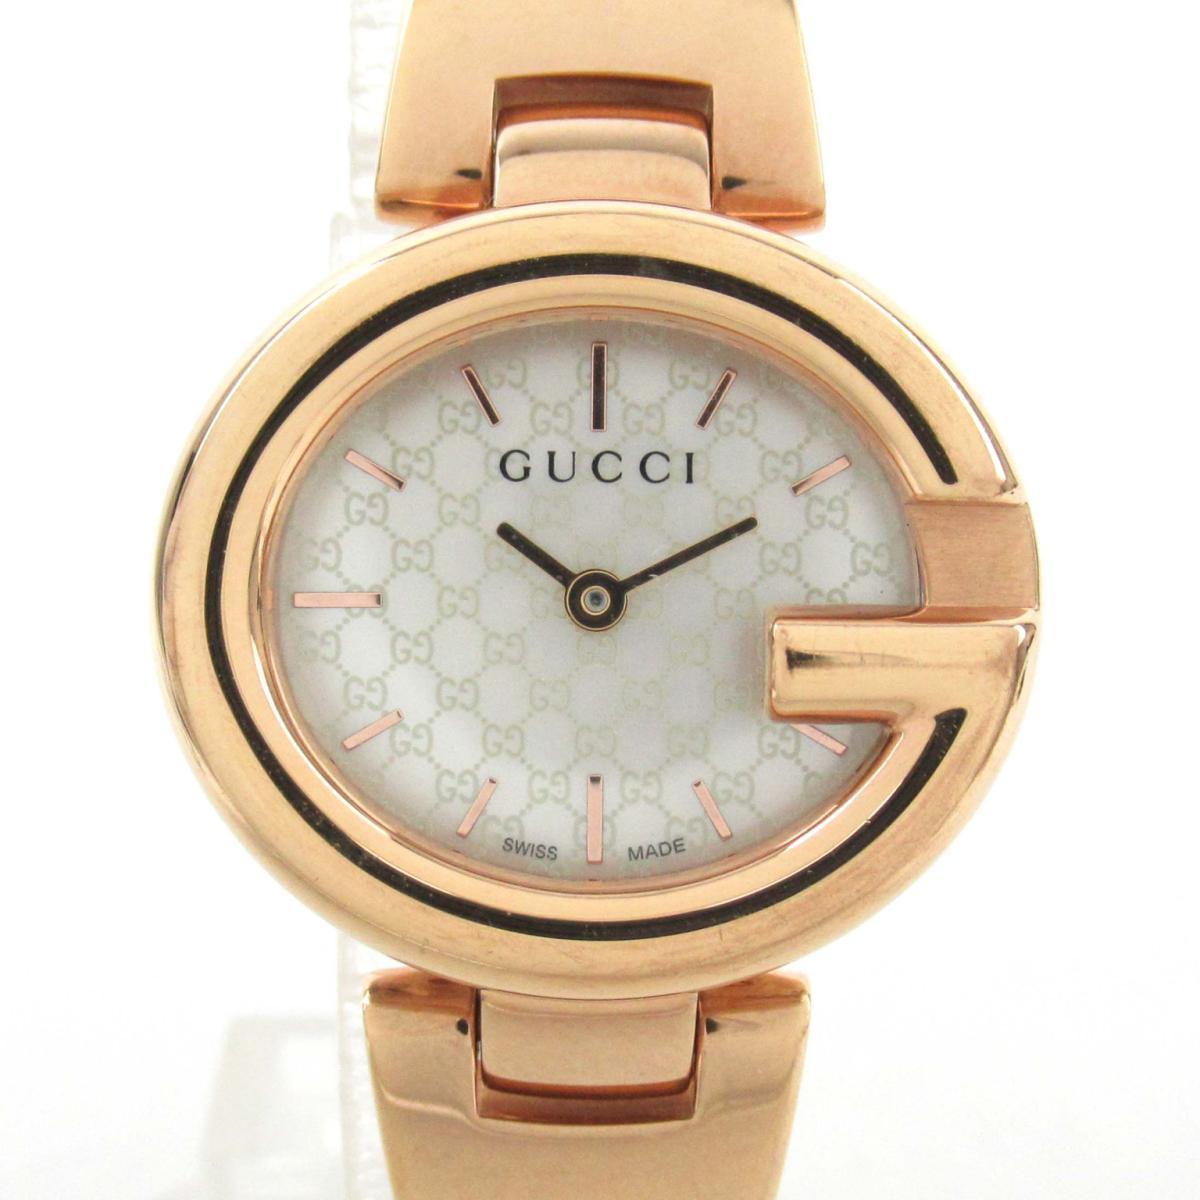 【中古】 グッチ 腕時計 ウォッチ レディース ステンレススチール (SS) (134.5)   GUCCI BRANDOFF ブランドオフ ブランド ブランド時計 ブランド腕時計 時計